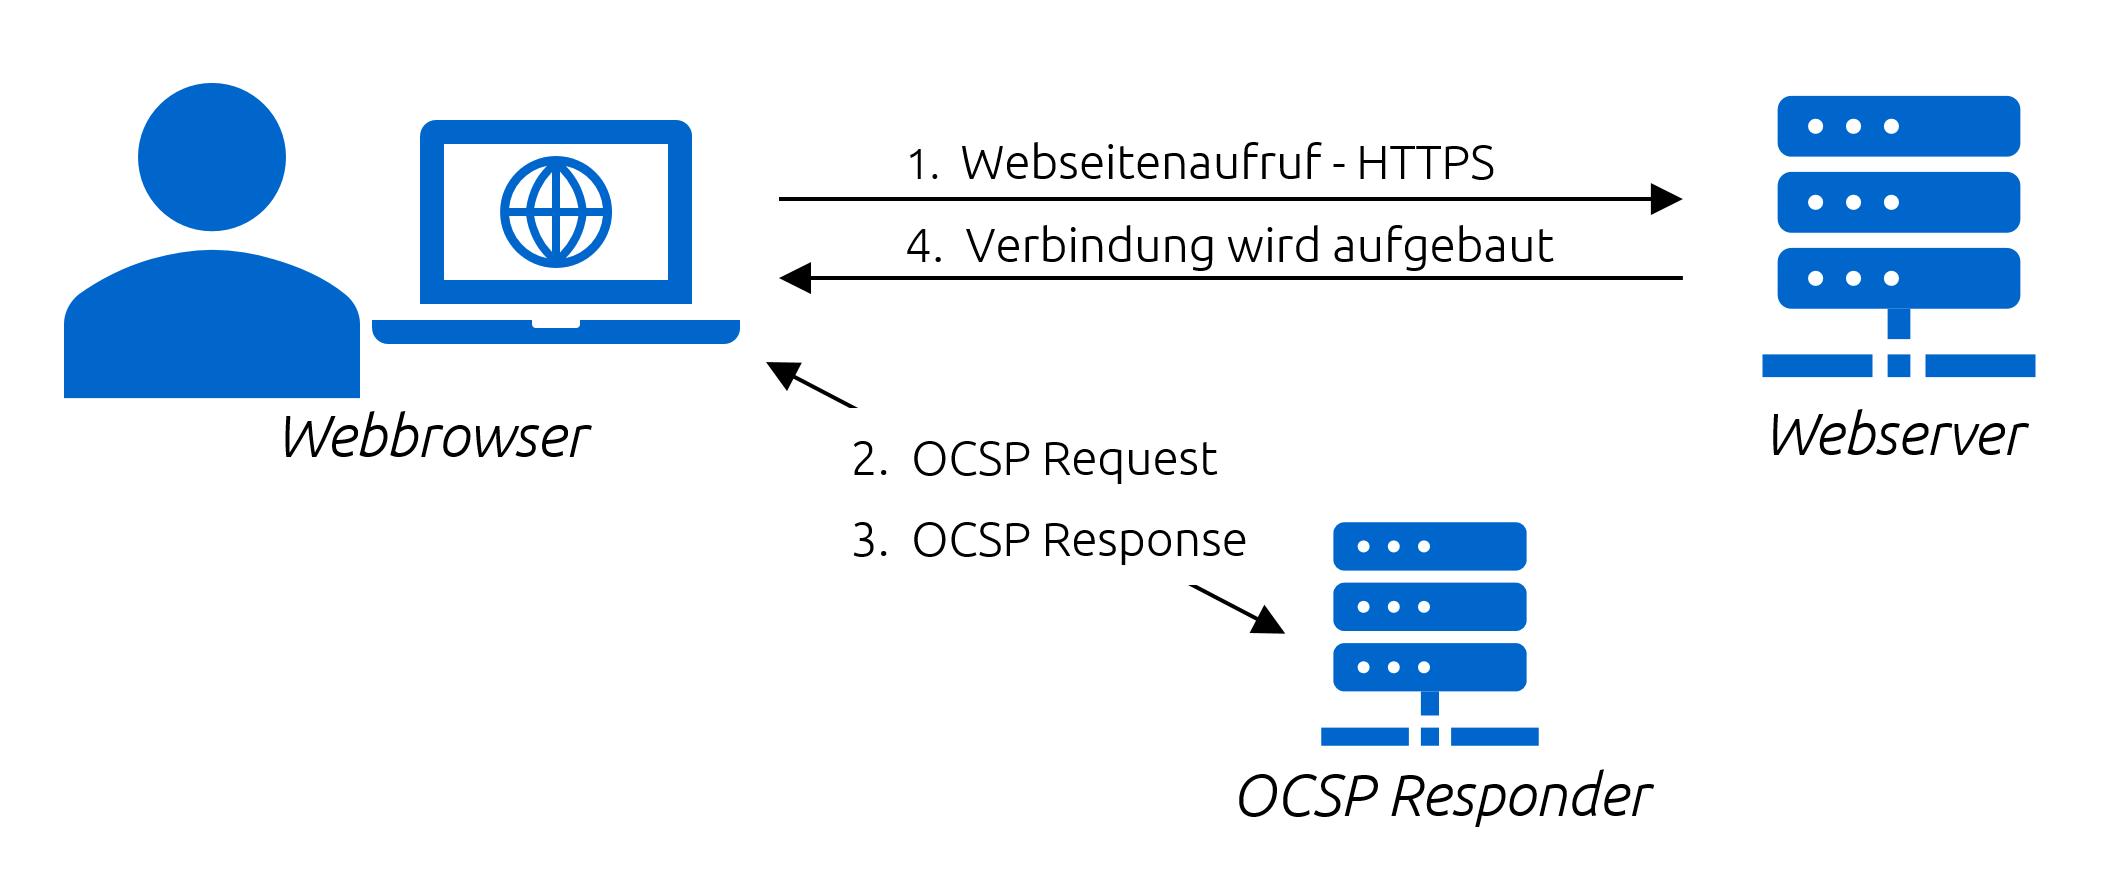 OCSP Schema